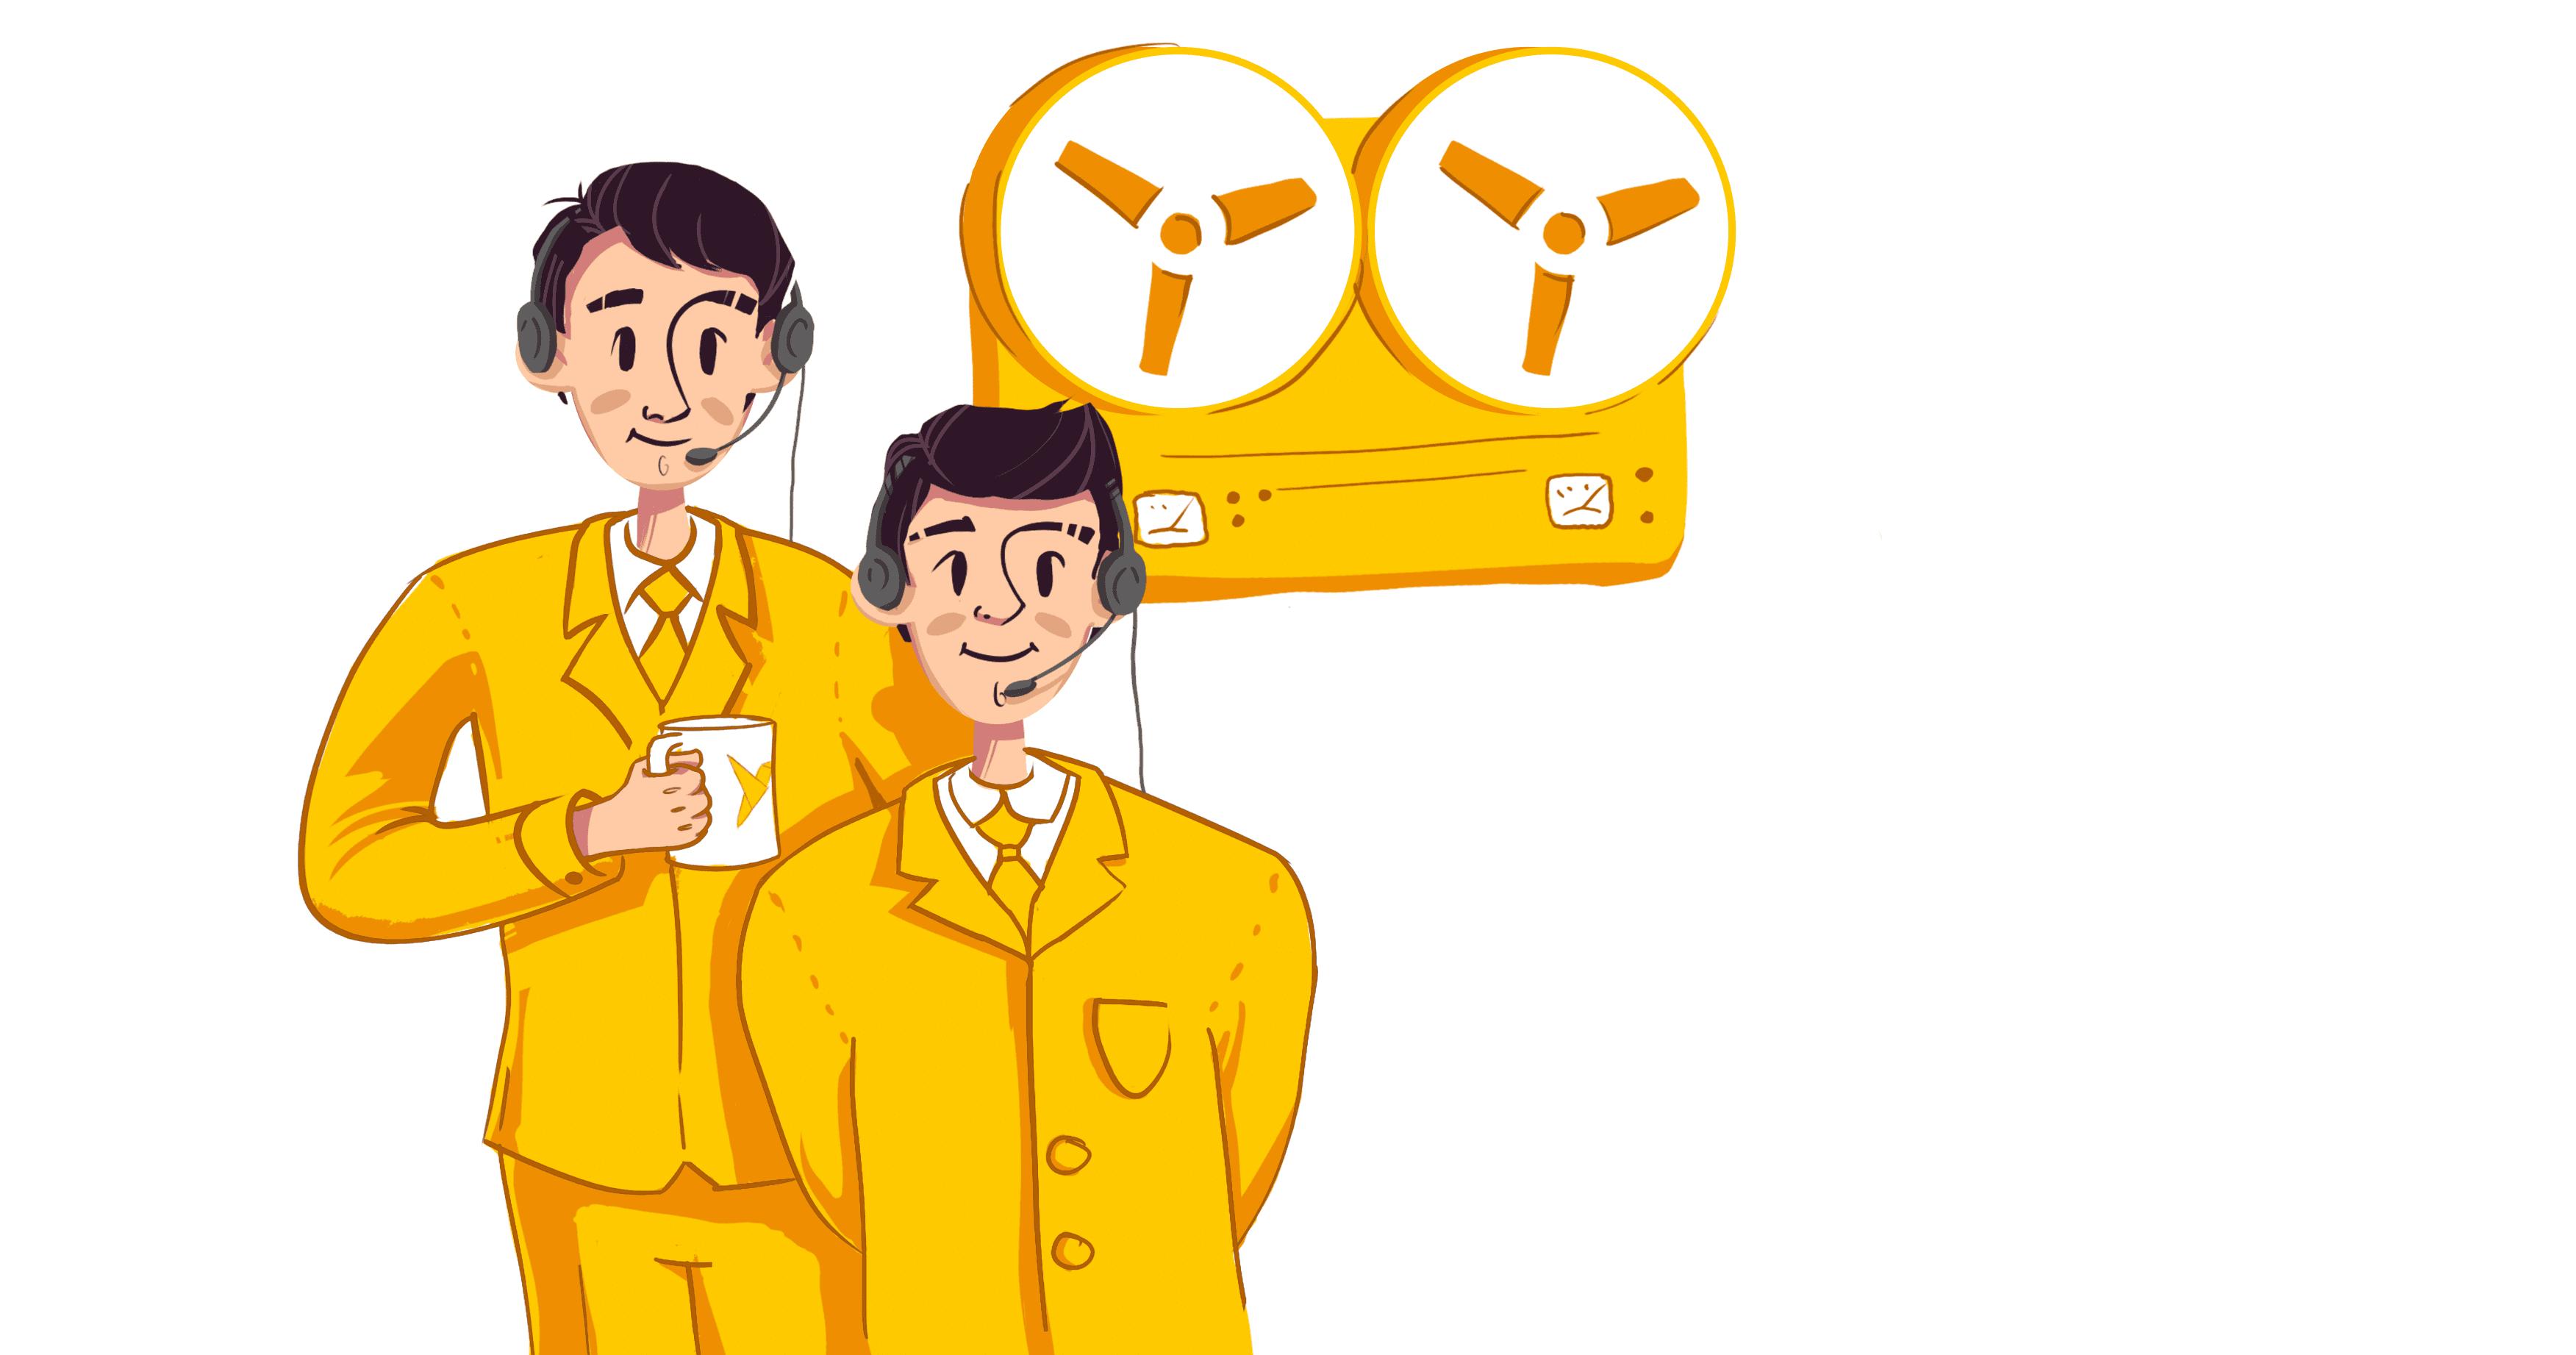 Запись и прослушивание звонков в компанию помогут обнаружить проблемы в контенте на сайте